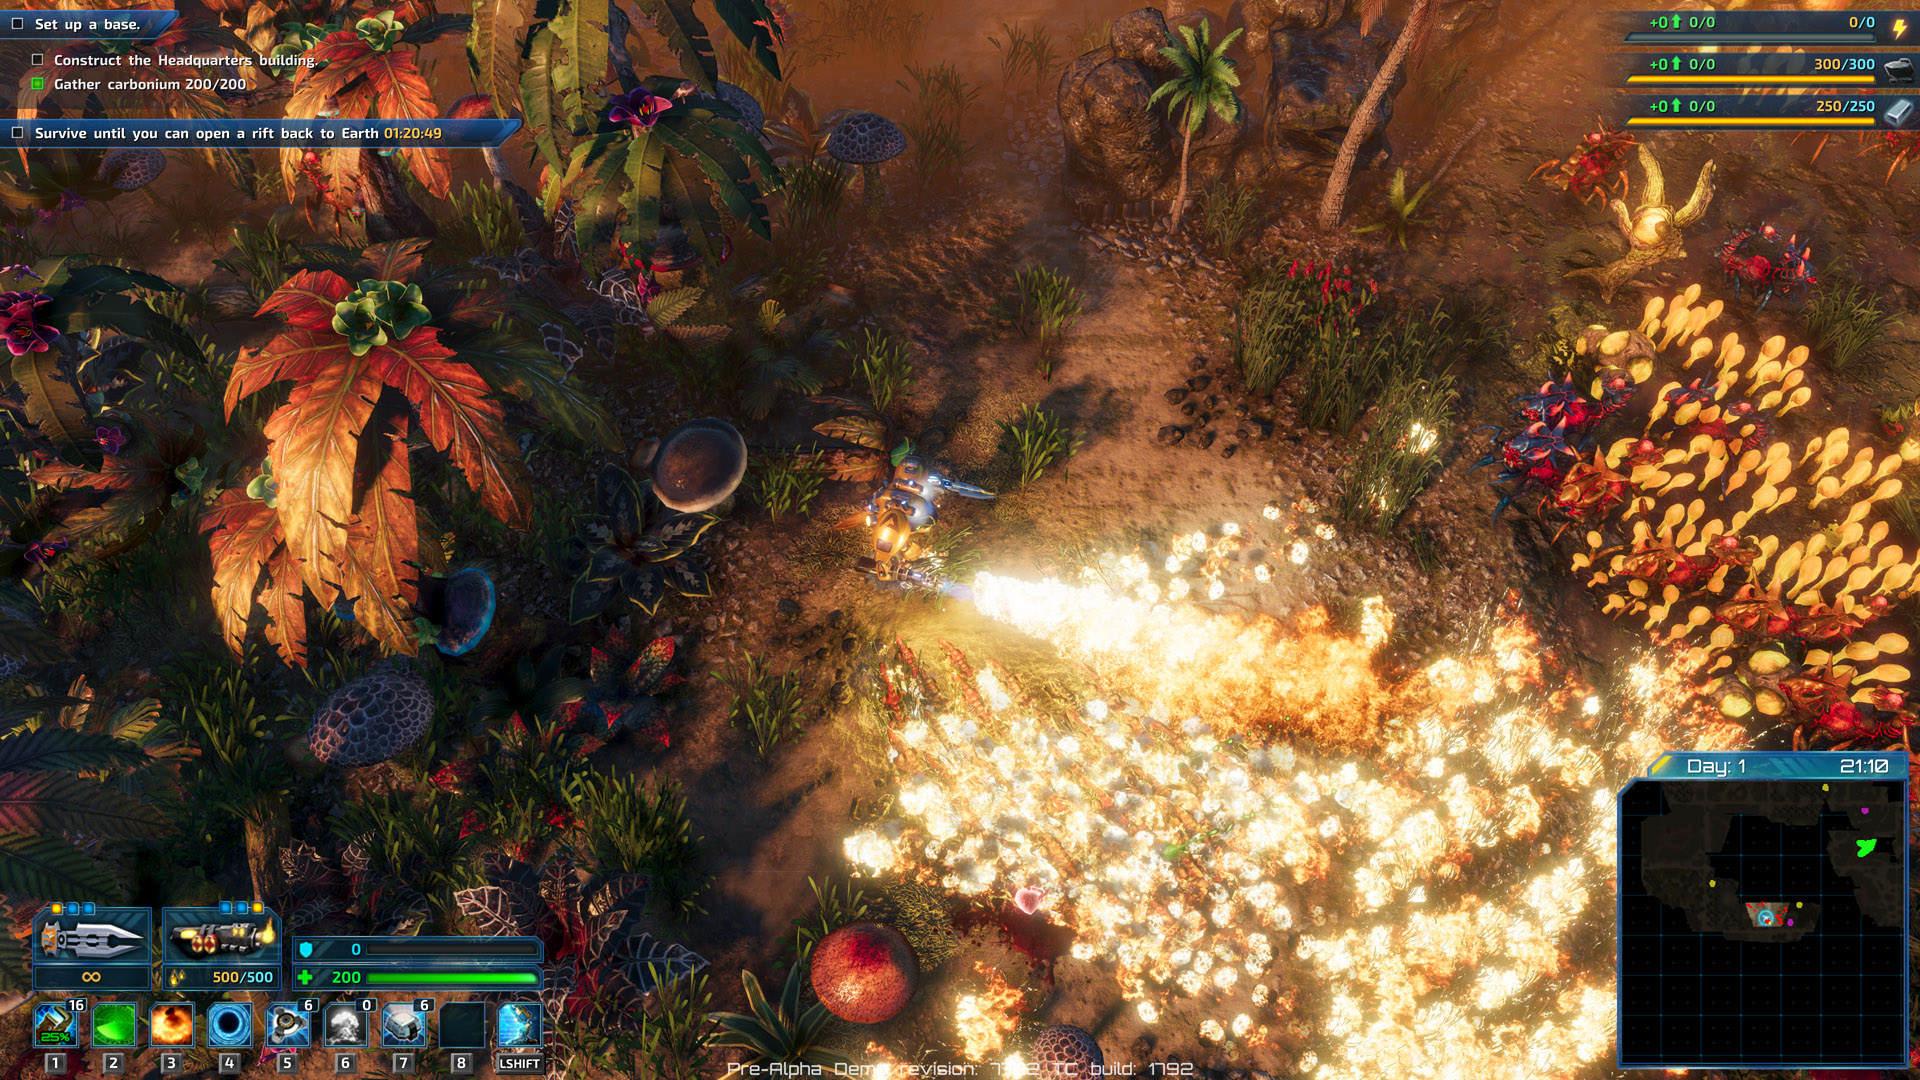 建造类生存+机甲RPG,《银河破裂者:序章》今日免费登陆Steam!